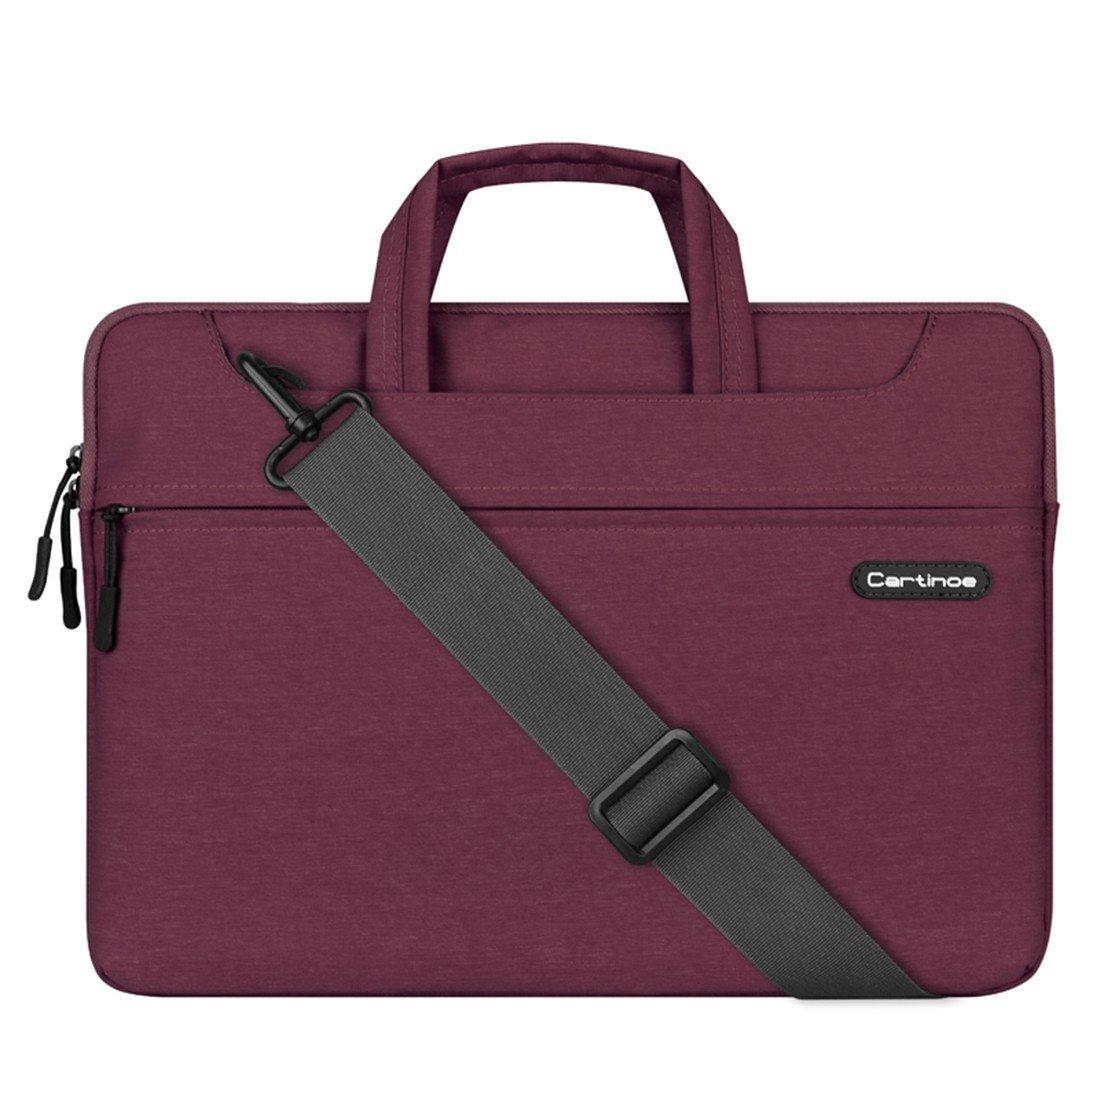 cartinoe-starry-series-laptoptas-sleeve-154-inch-paars-b98